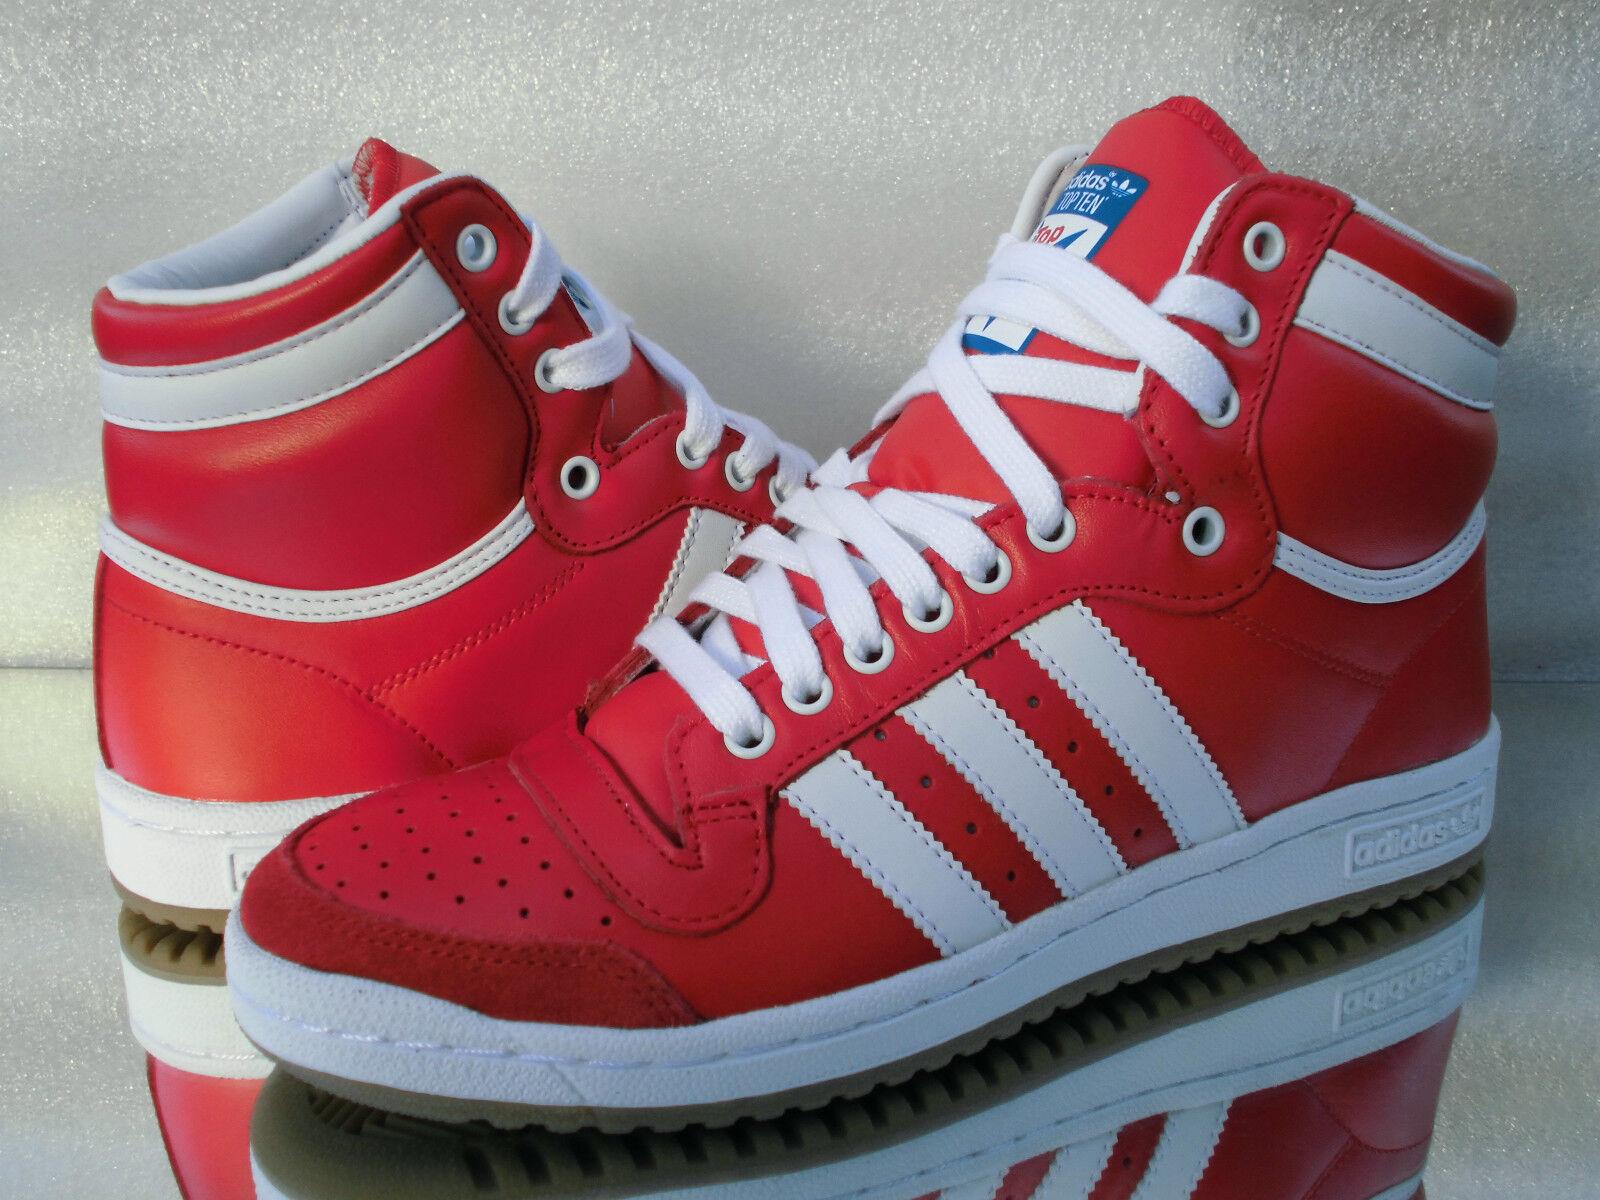 Adidas Originals Hi top ten HIGH d65163 Baskets d65163 HIGH cours/de sport rouge nouveau ac18bd